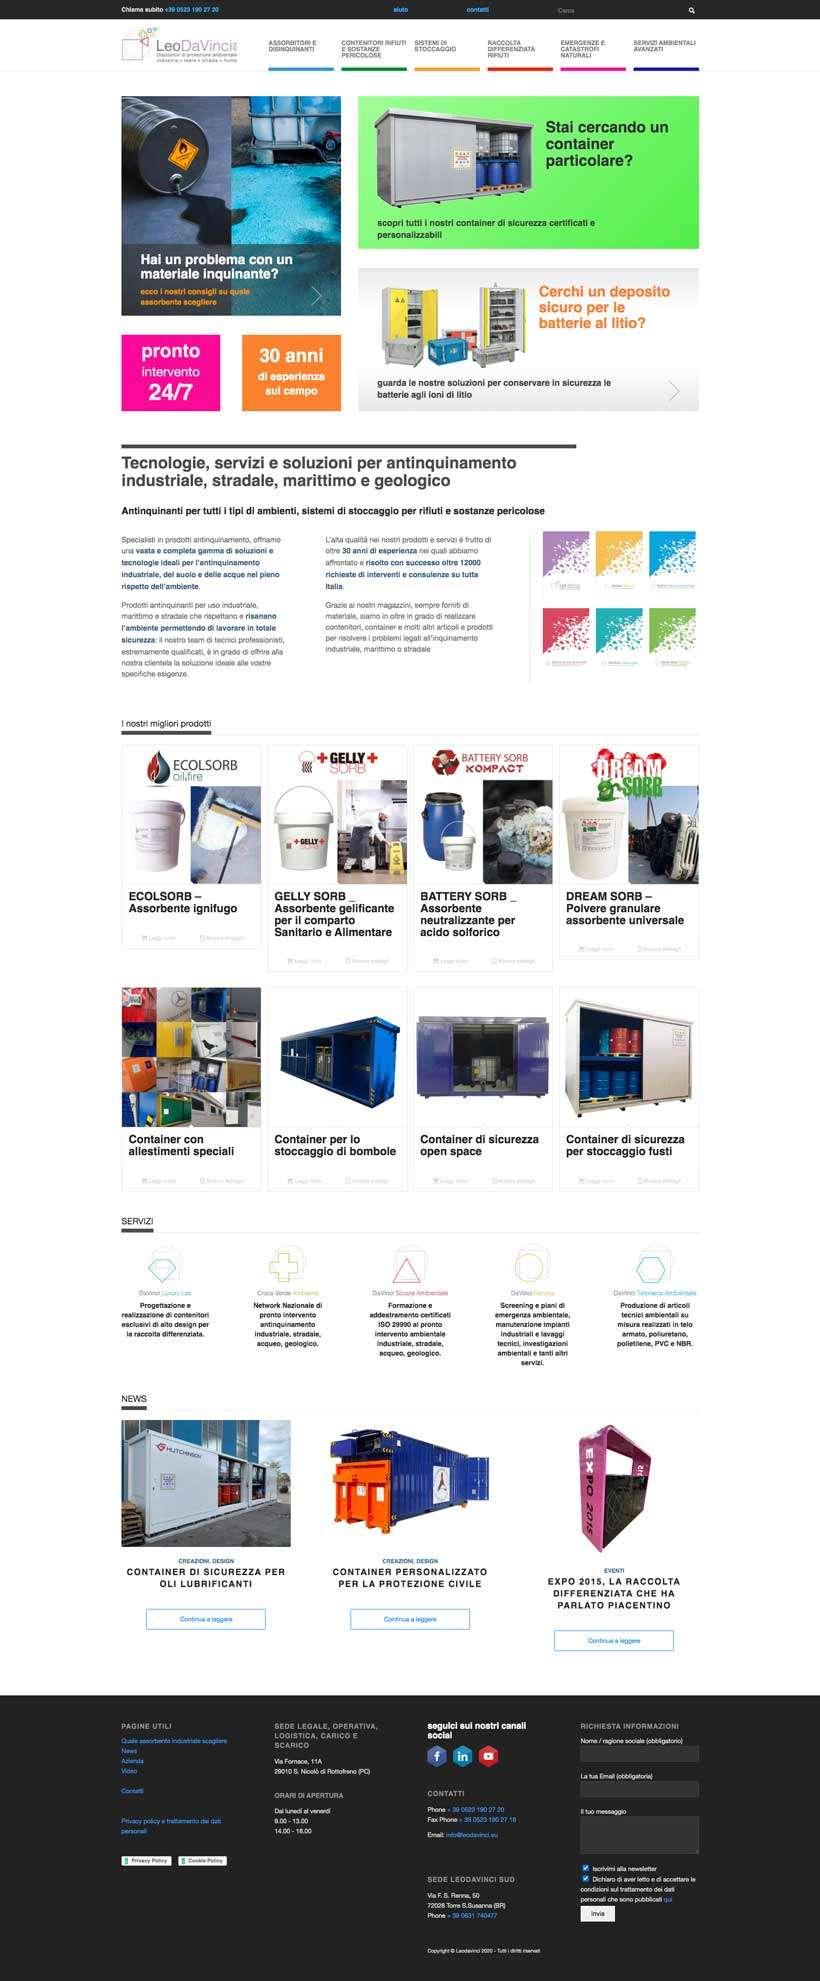 redesign home page sito web leodavinci